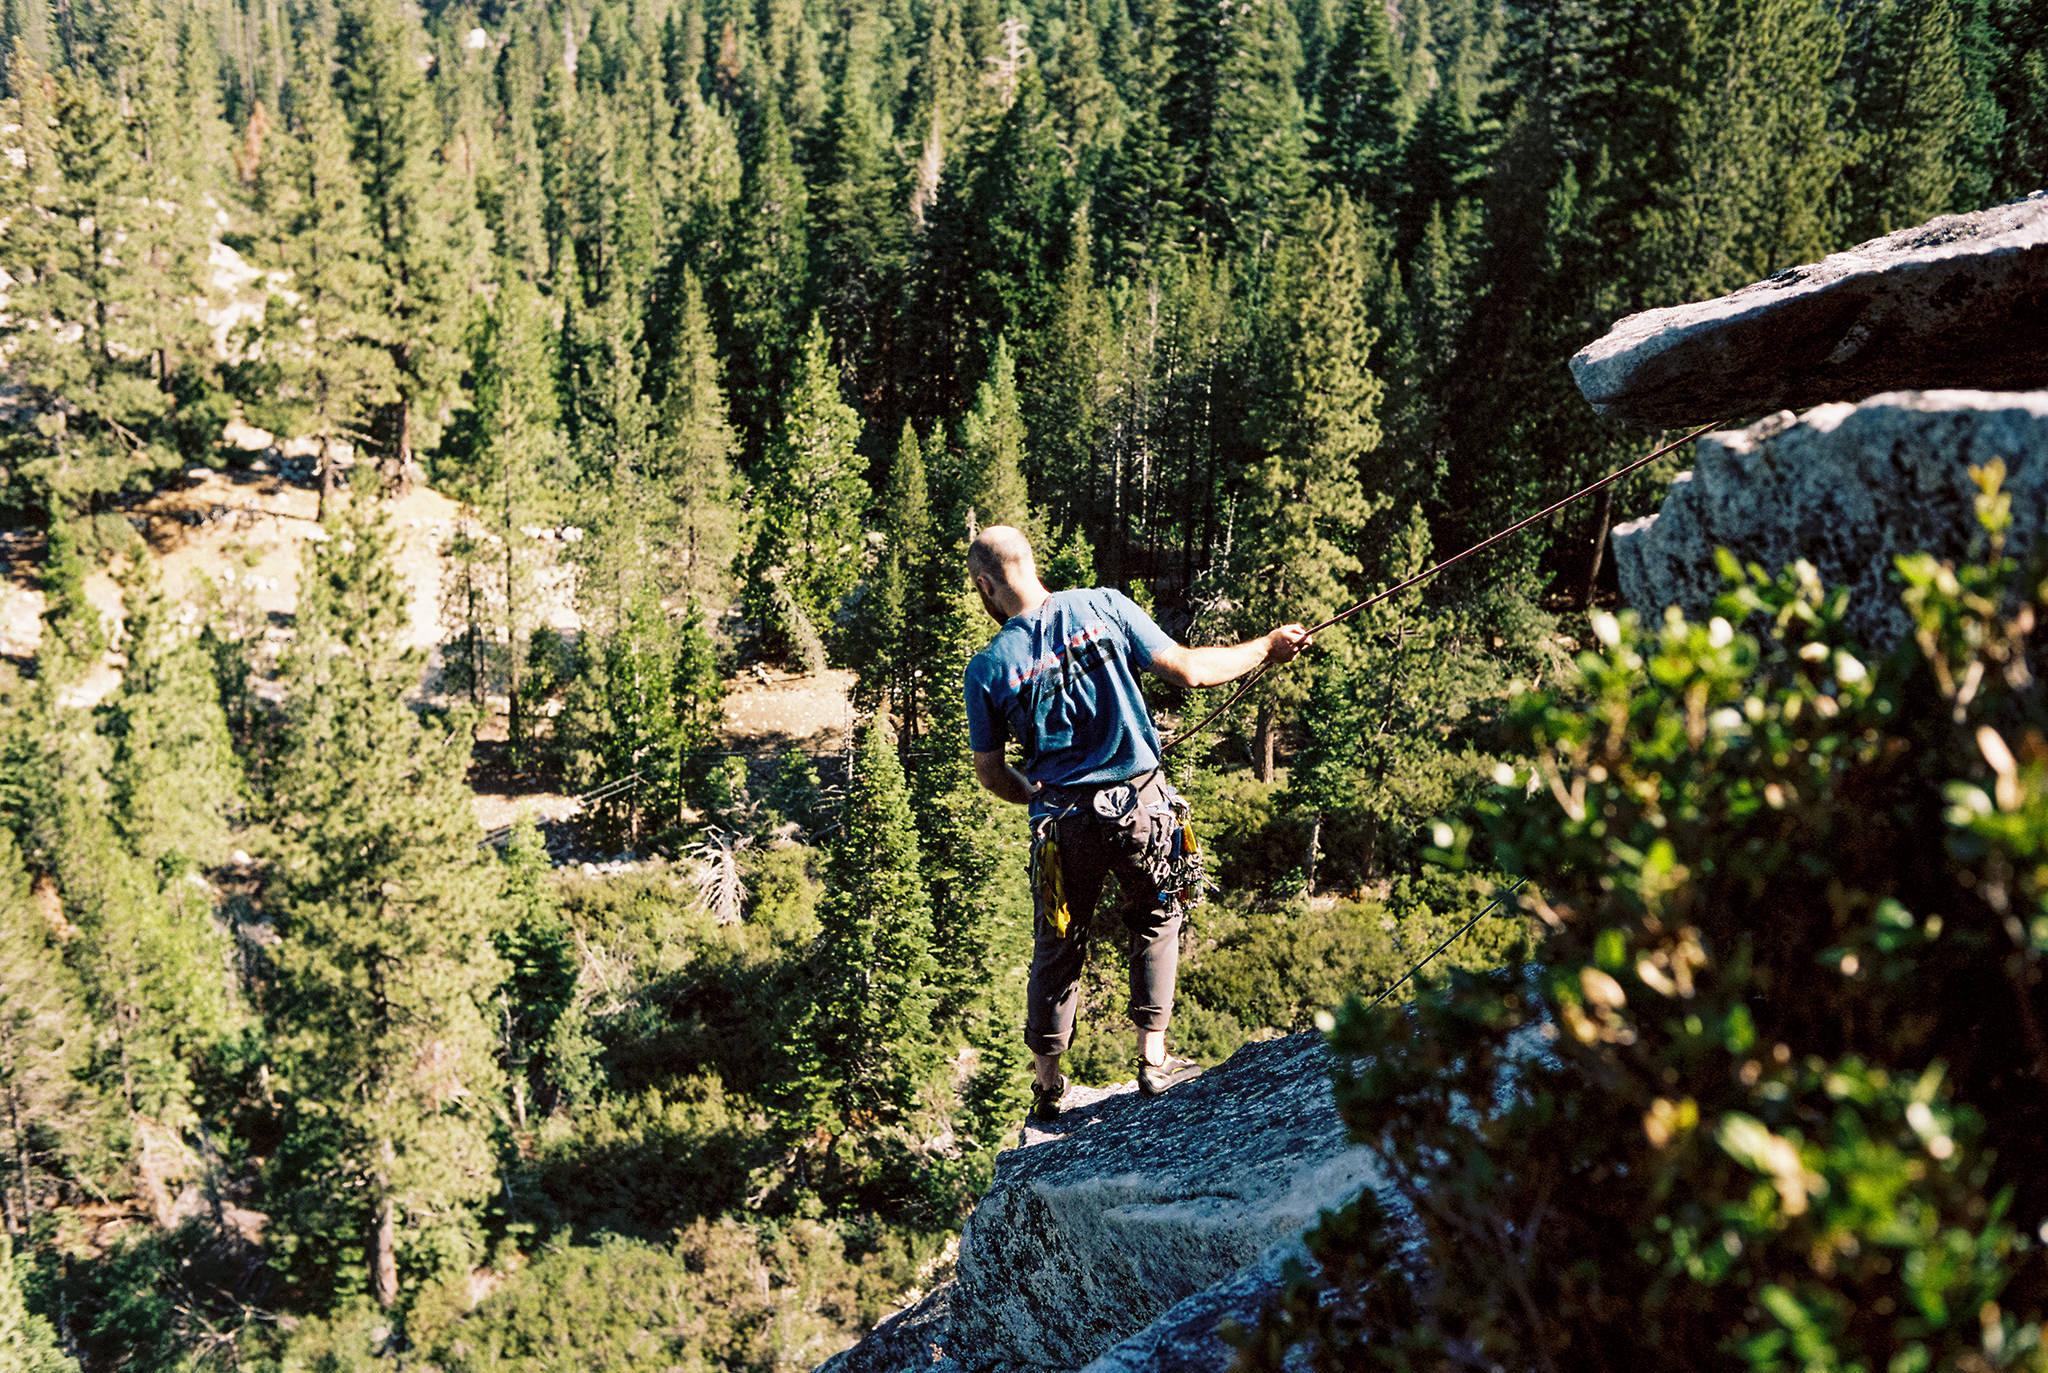 20170703-Portra-160-Lake-Tahoe-Climbing-5.jpg